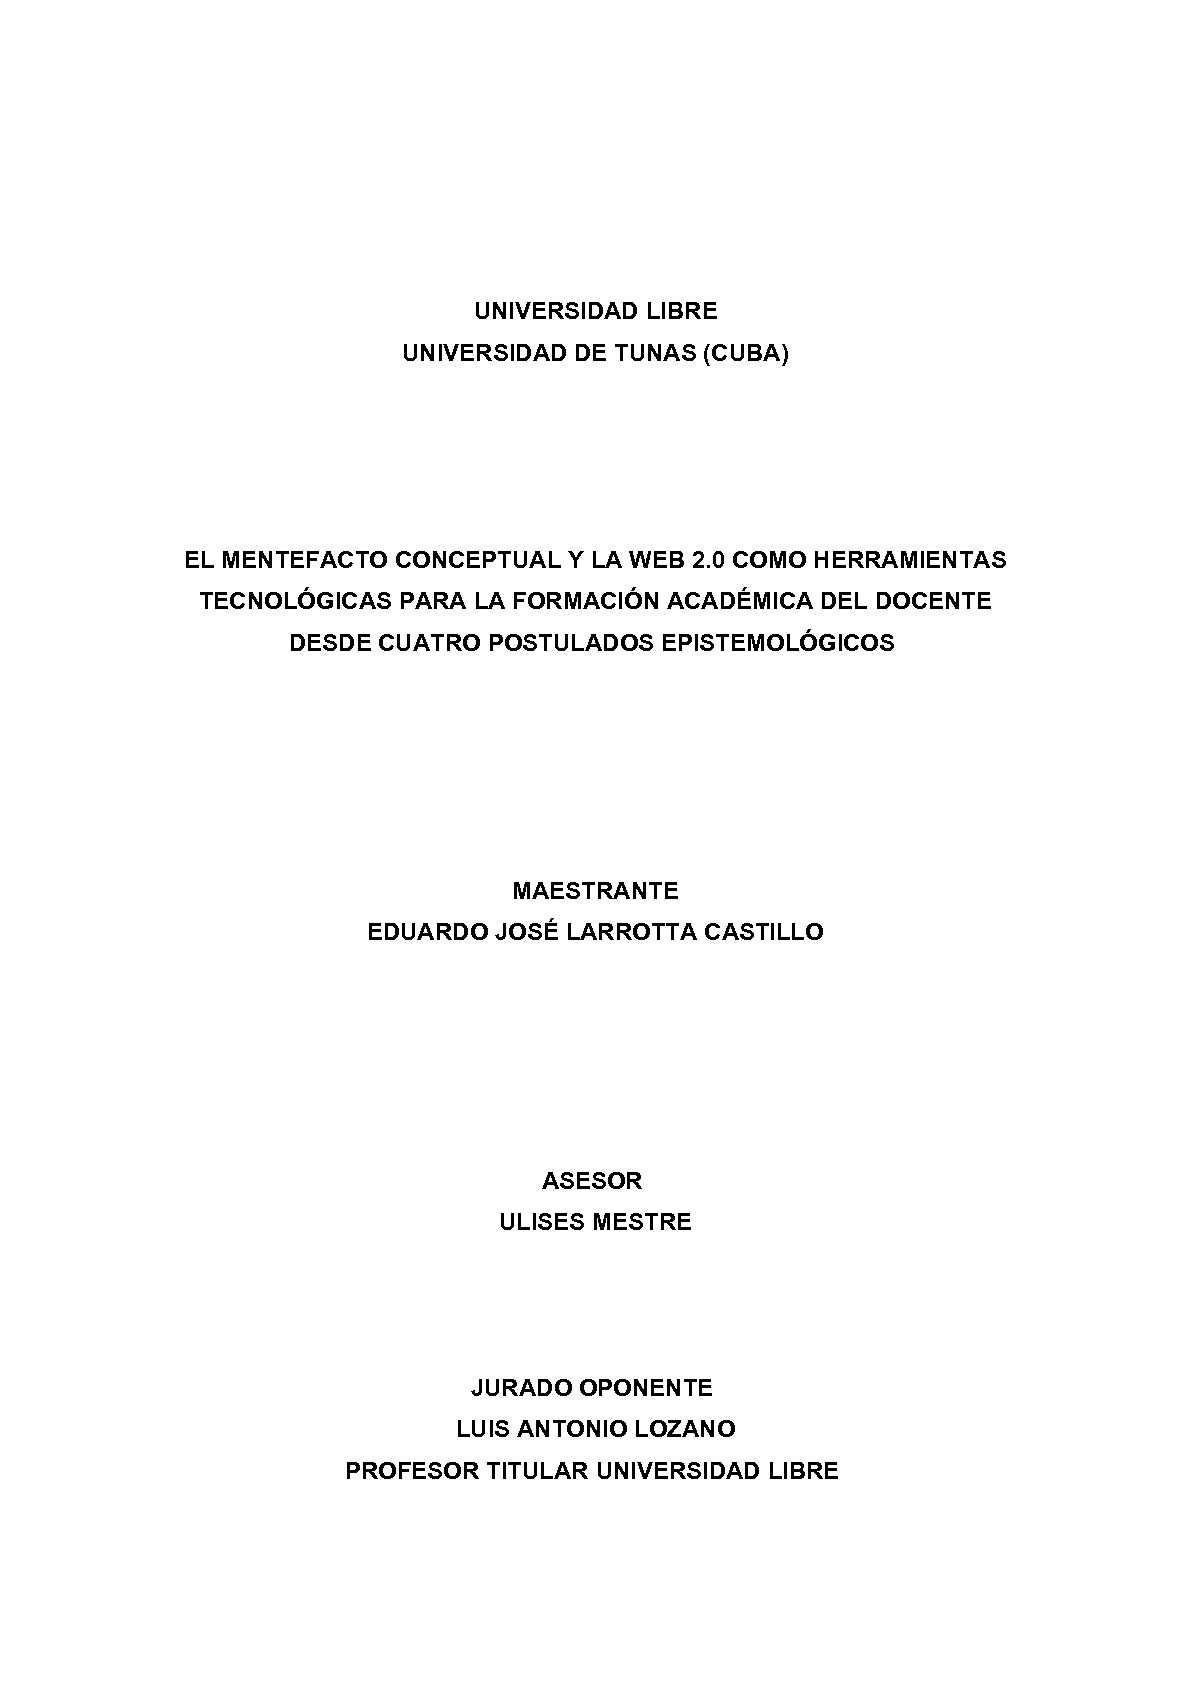 EL MENTEFACTO CONCEPTUAL Y LA WEB 2.0 COMO HERRAMIENTAS TECNOLÓGICAS PARA LA FORMACIÓN ACADÉMICA DEL DOCENTE DESDE CUATRO POSTULADOS EPISTEMOLÓGICOS